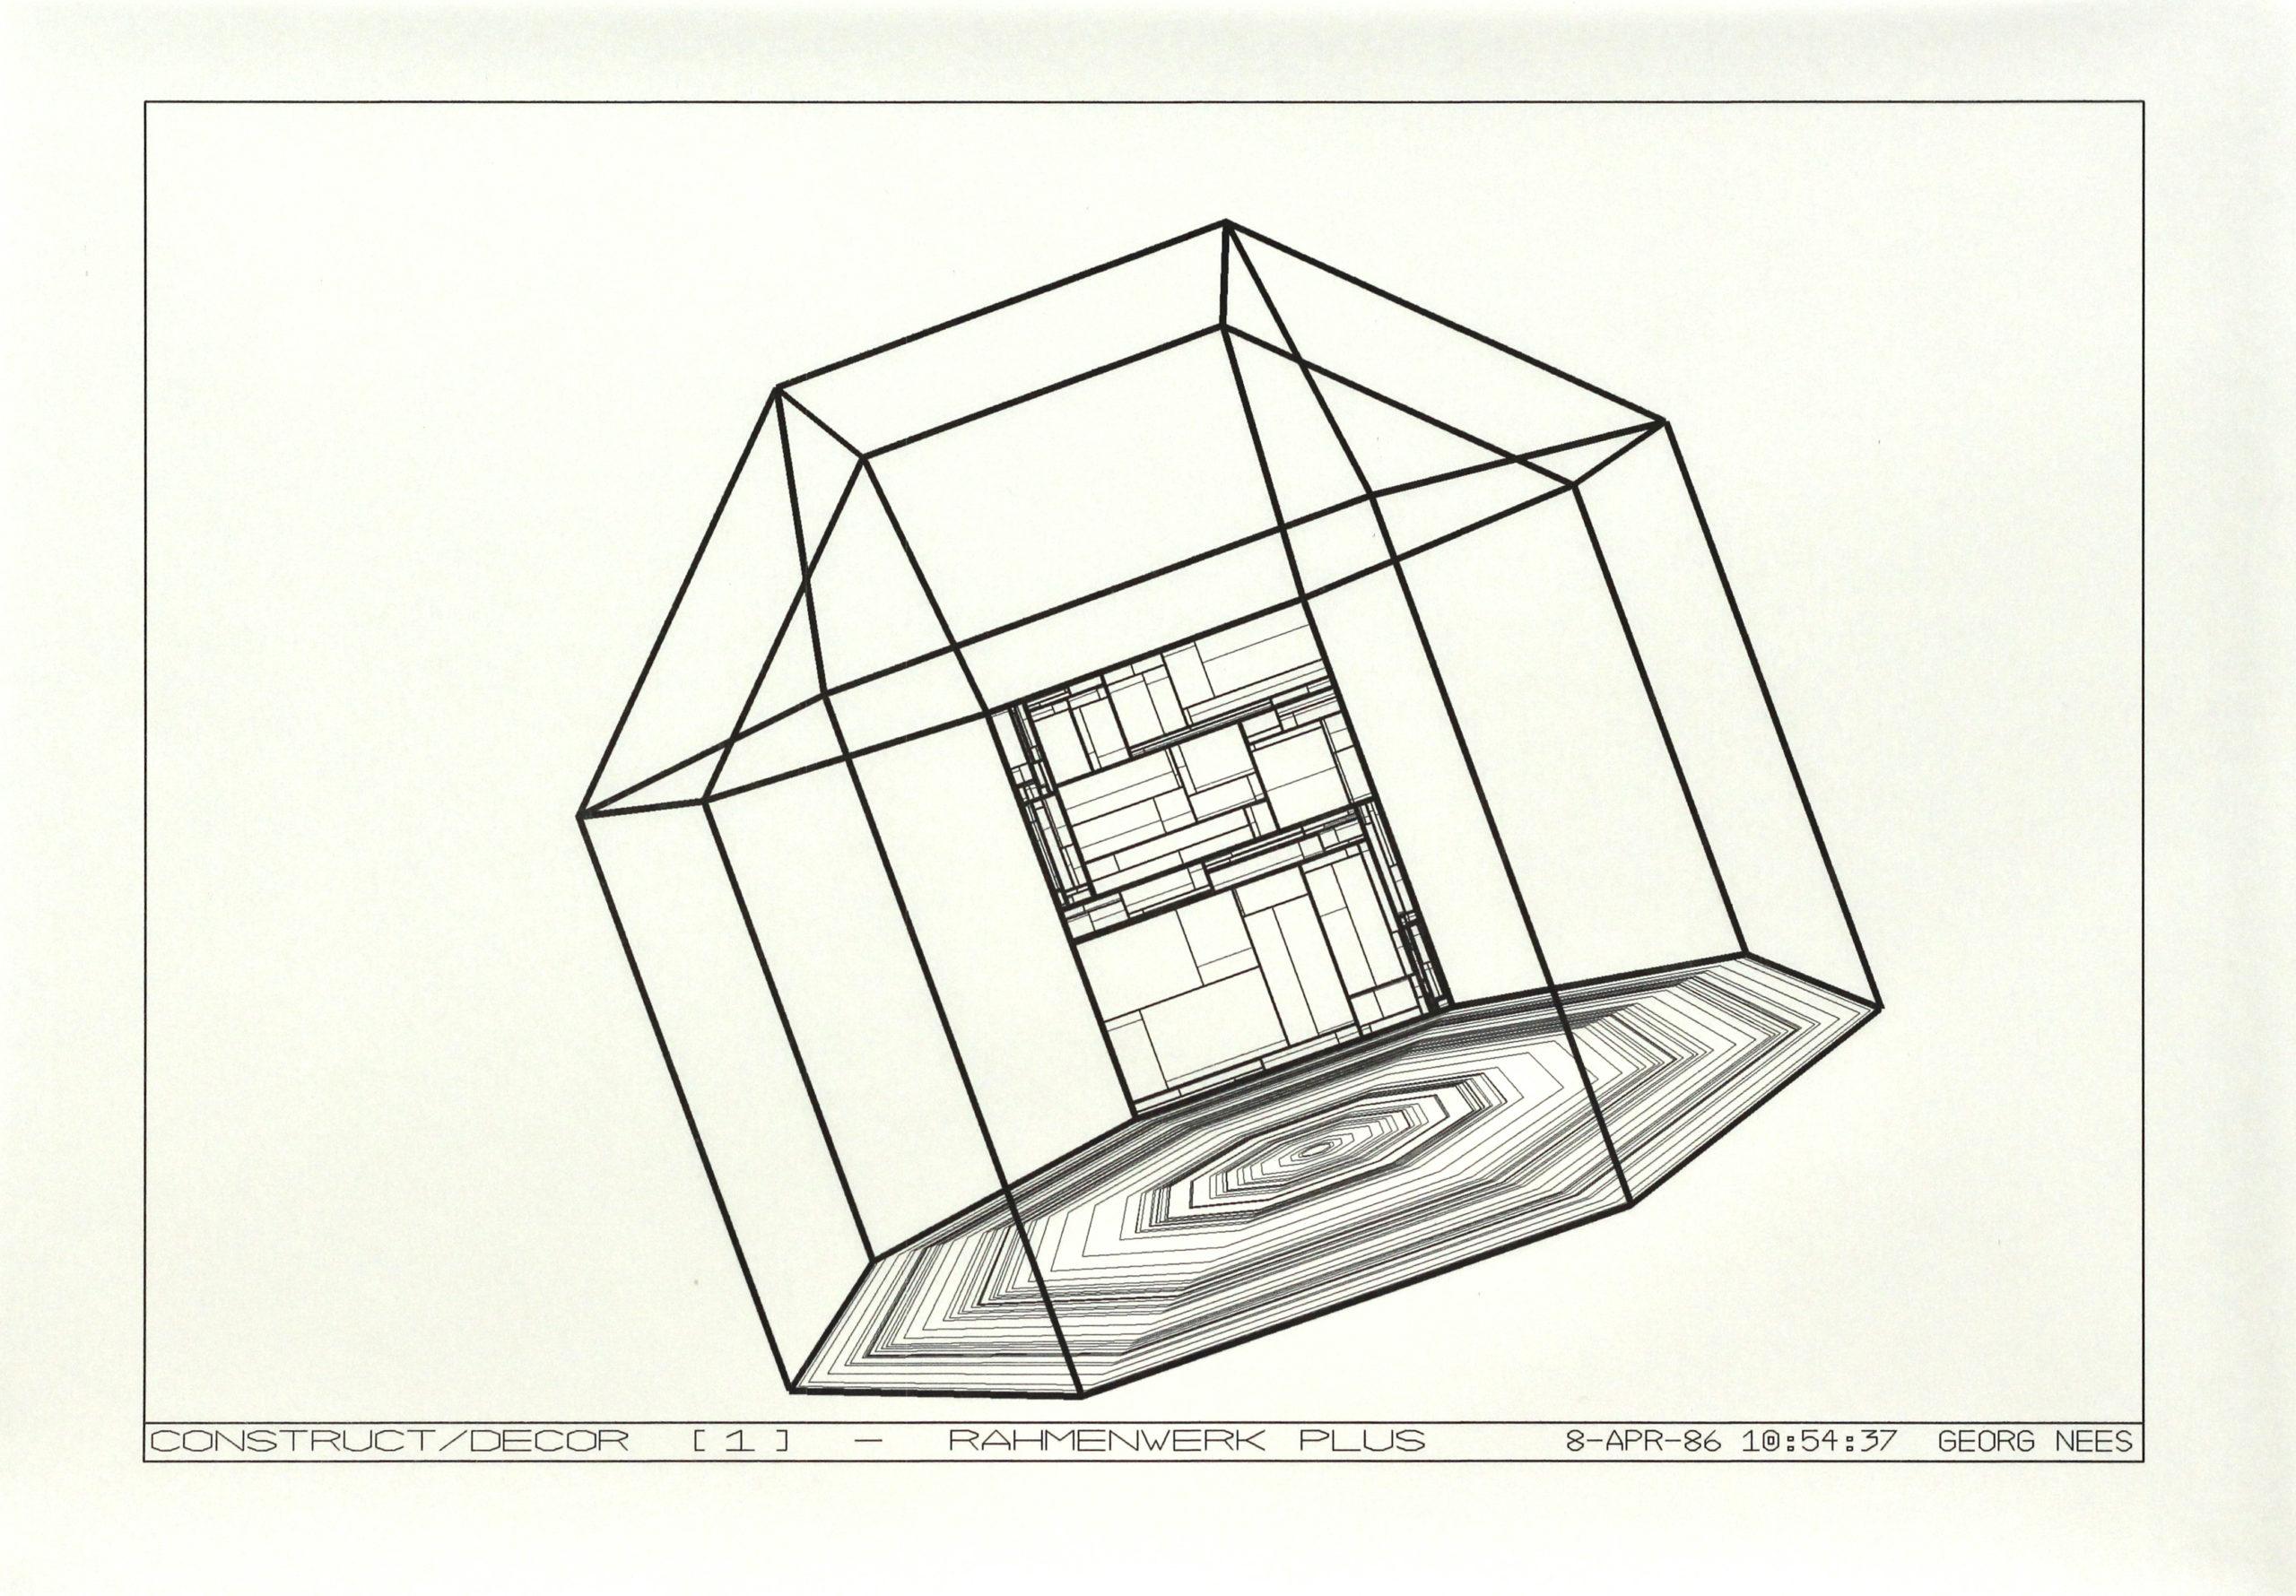 Georg Nees, Construct/Decor [1] Rahmwerk Plus, Laserdruck, 25 x 36 cm, 8 Apr 86, signiert und datiert als Teil des Druckes Georg Nees, Edition von 4, Preis: 500 Euro